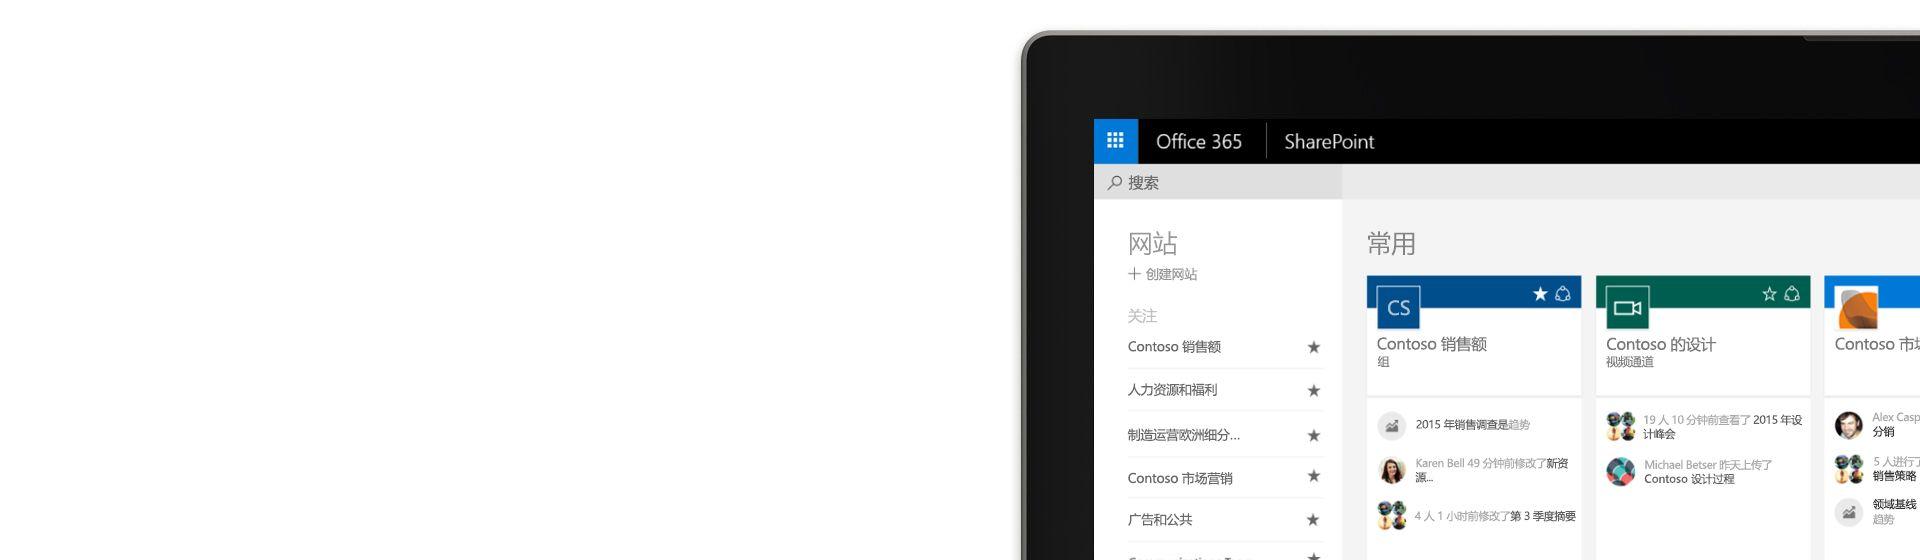 笔记本电脑屏幕的一角,显示 Office 365 SharePoint for Contoso